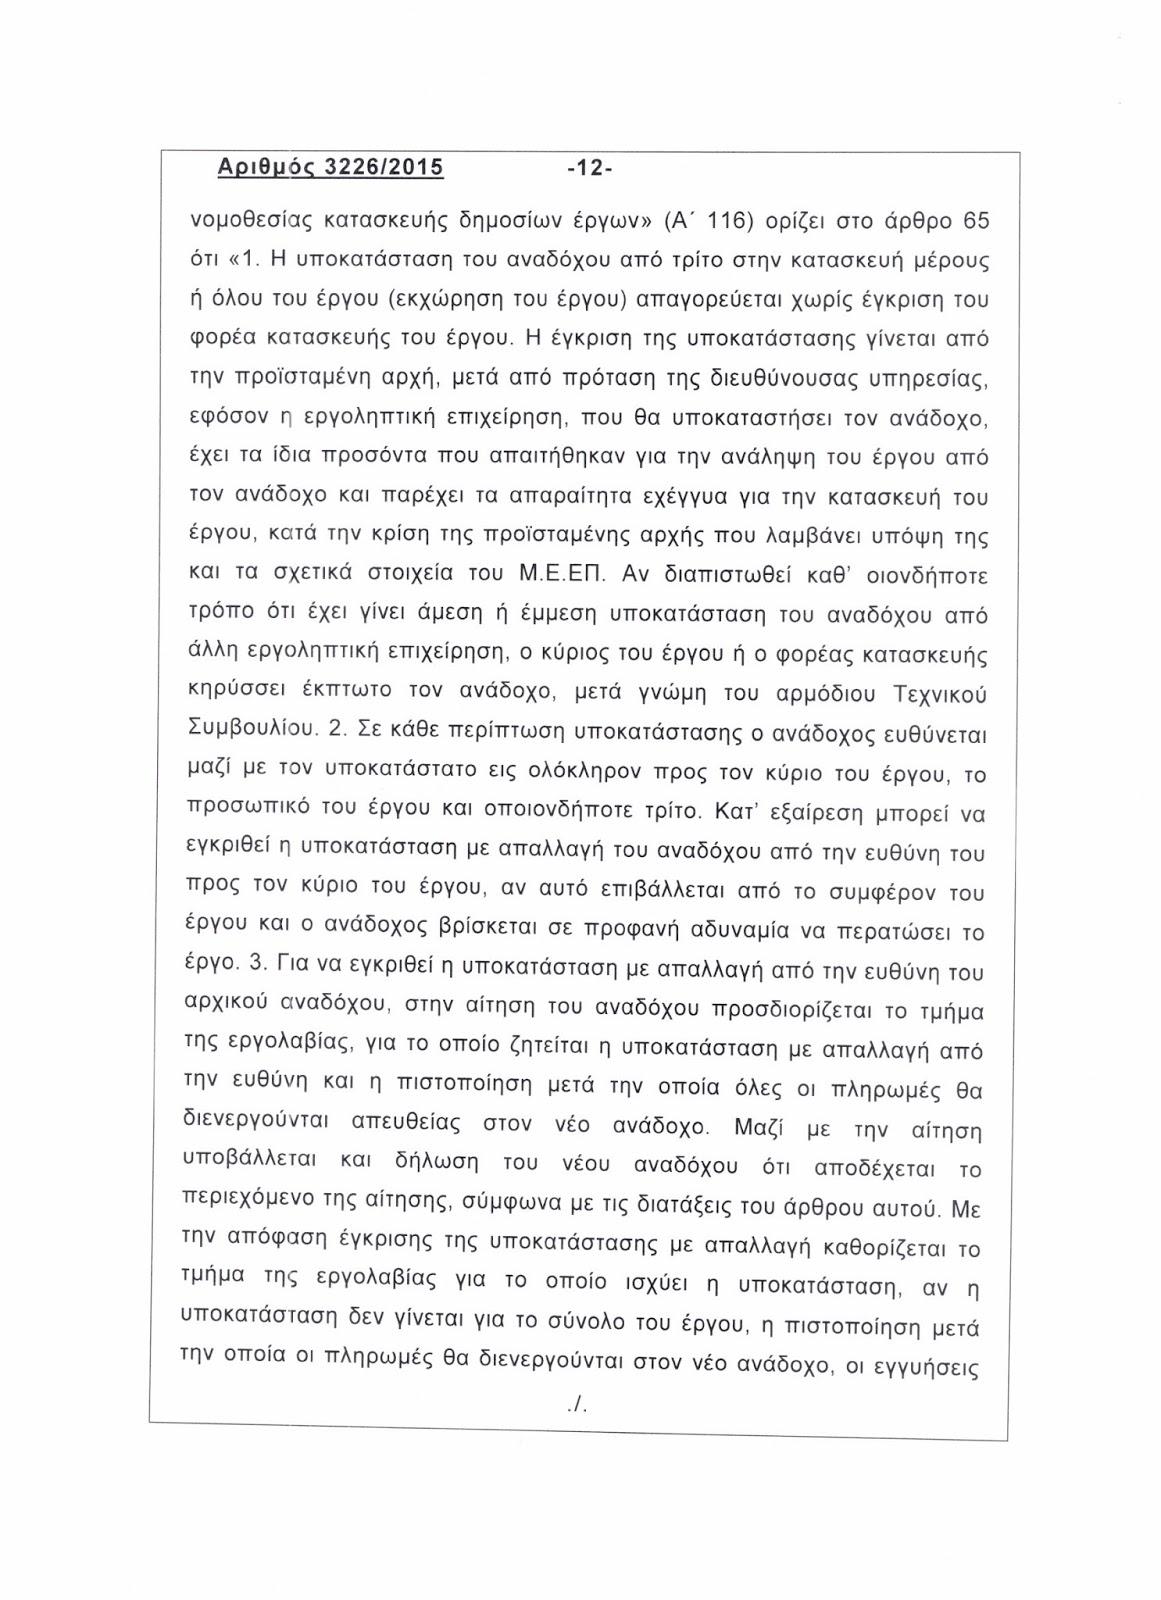 Ὁλόκληρη ἡ ἀπόφασις τοῦ ΣτΕ γιὰ τὸν Γιαννακόπουλο12